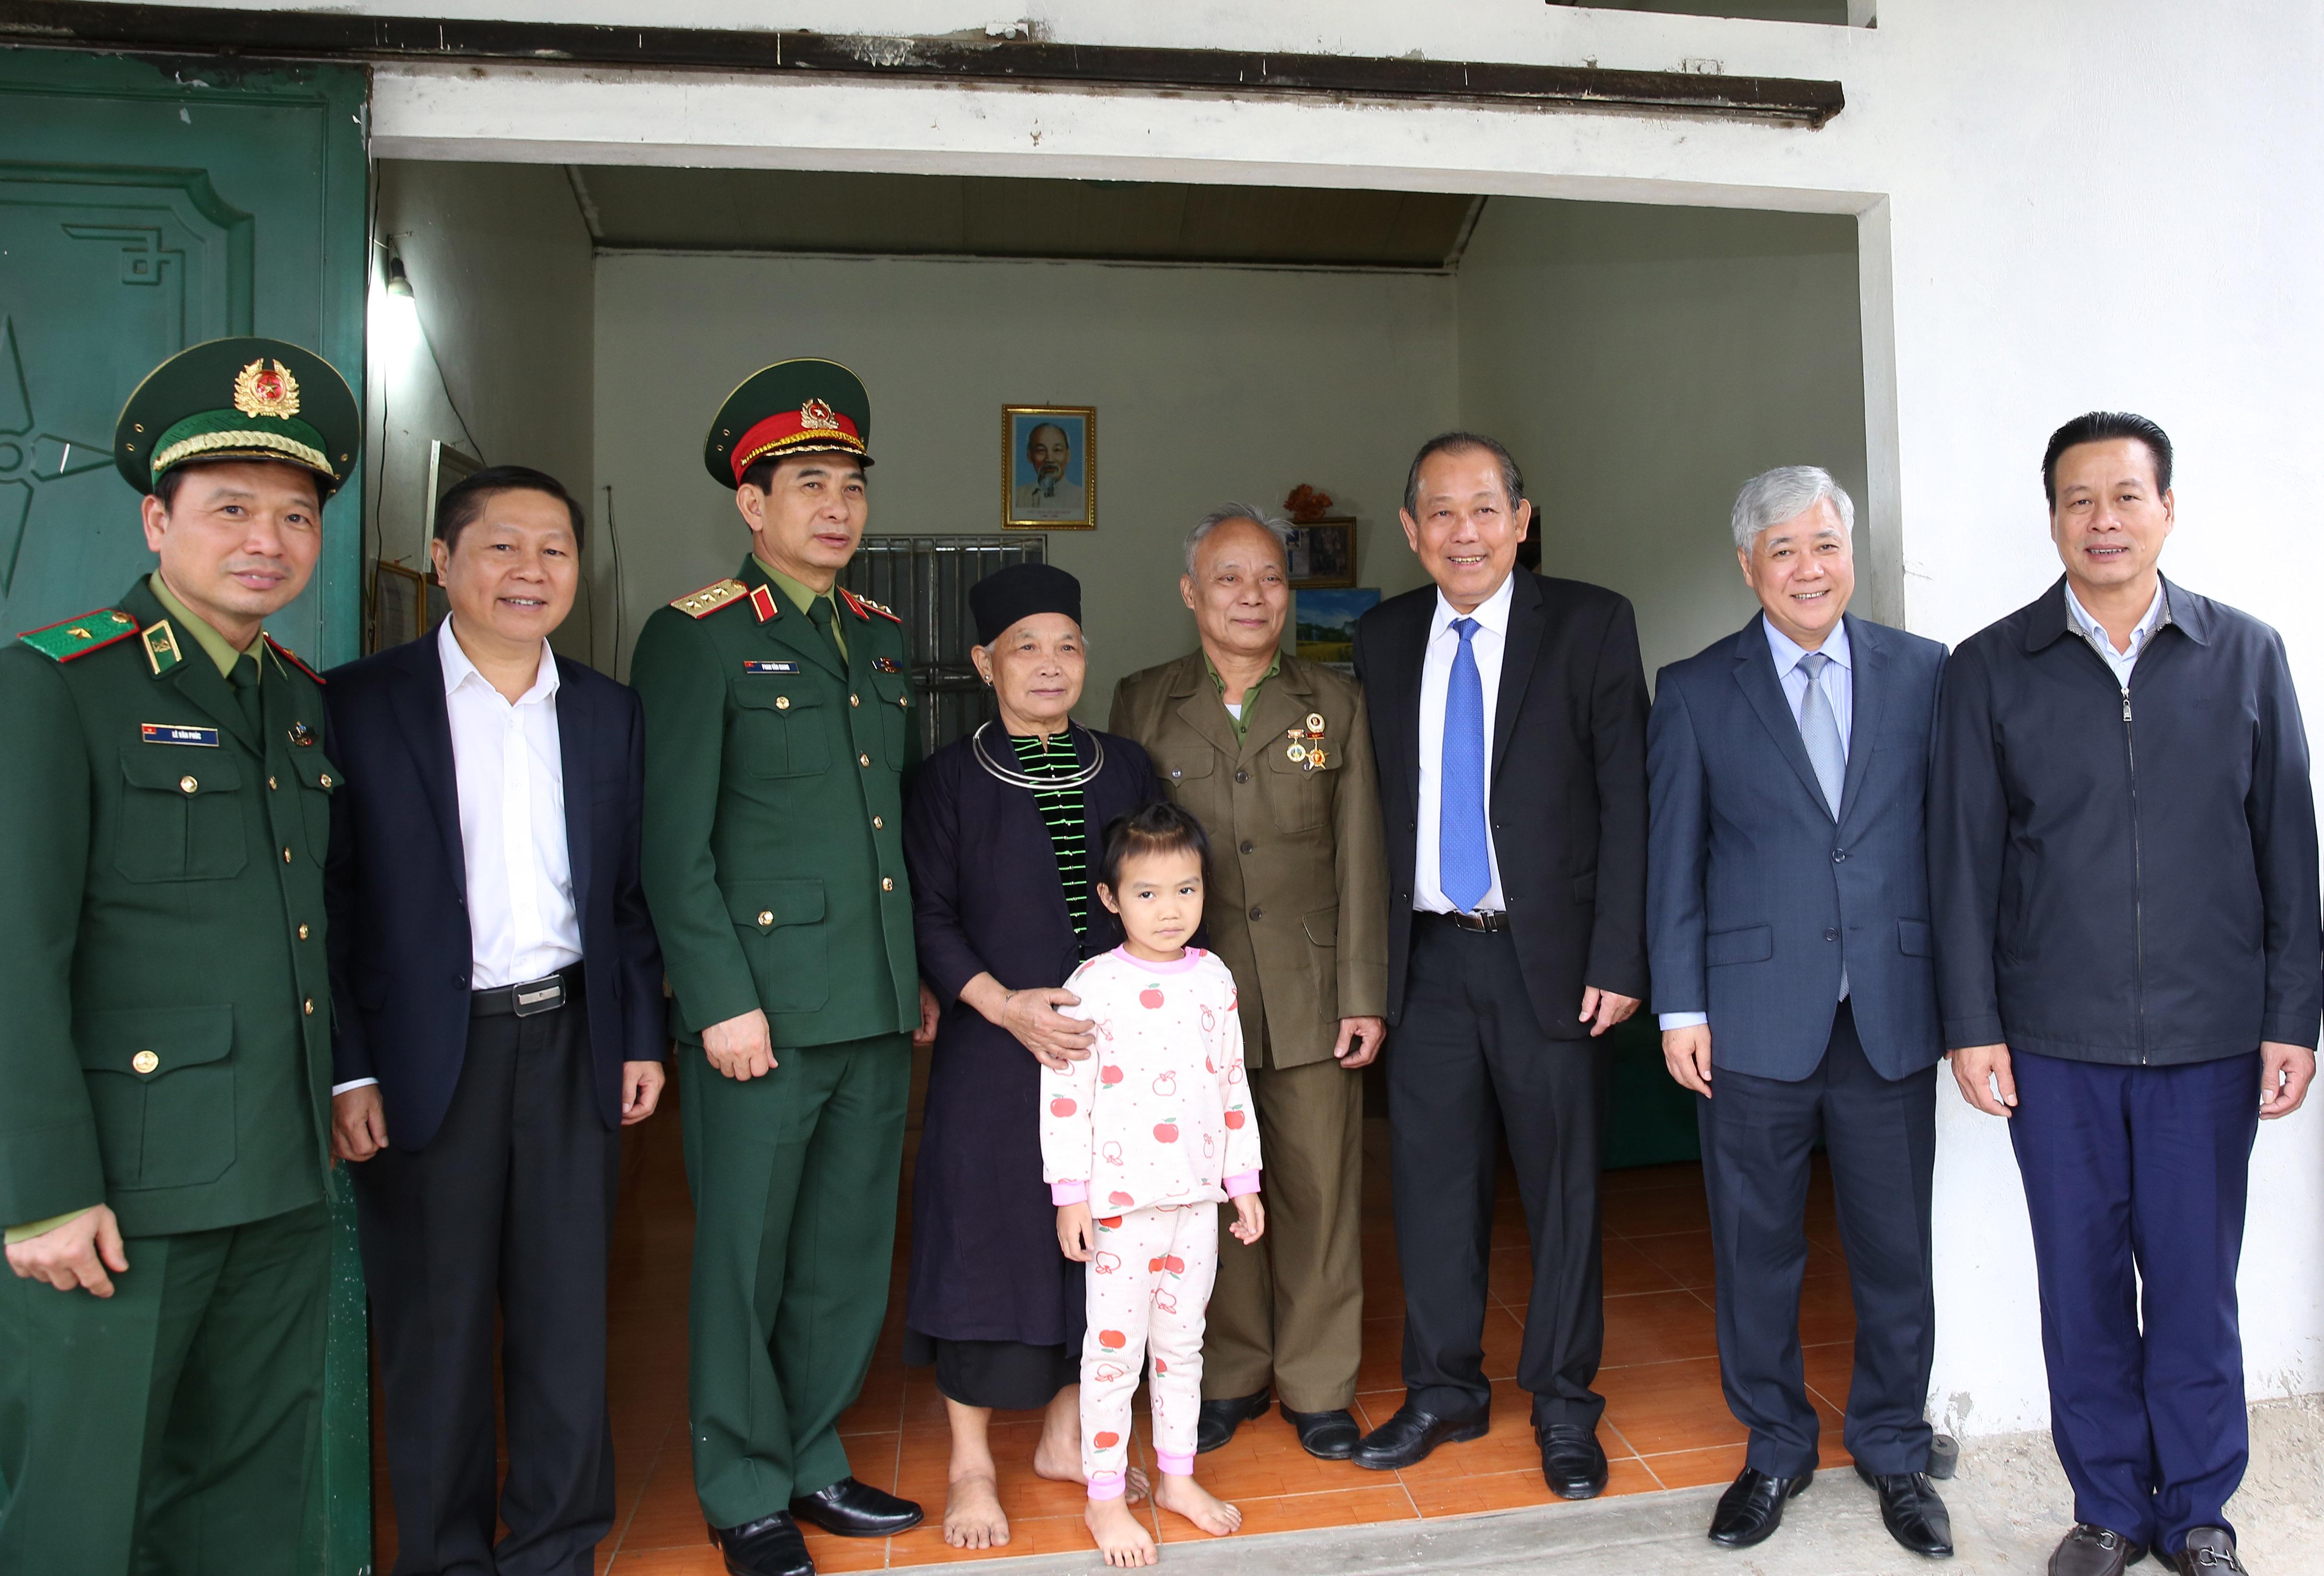 Phó Thủ tướng thăm và chúc Tết gia đình chính sách trong tỉnh. - Ảnh: VGP/Lê Sơn